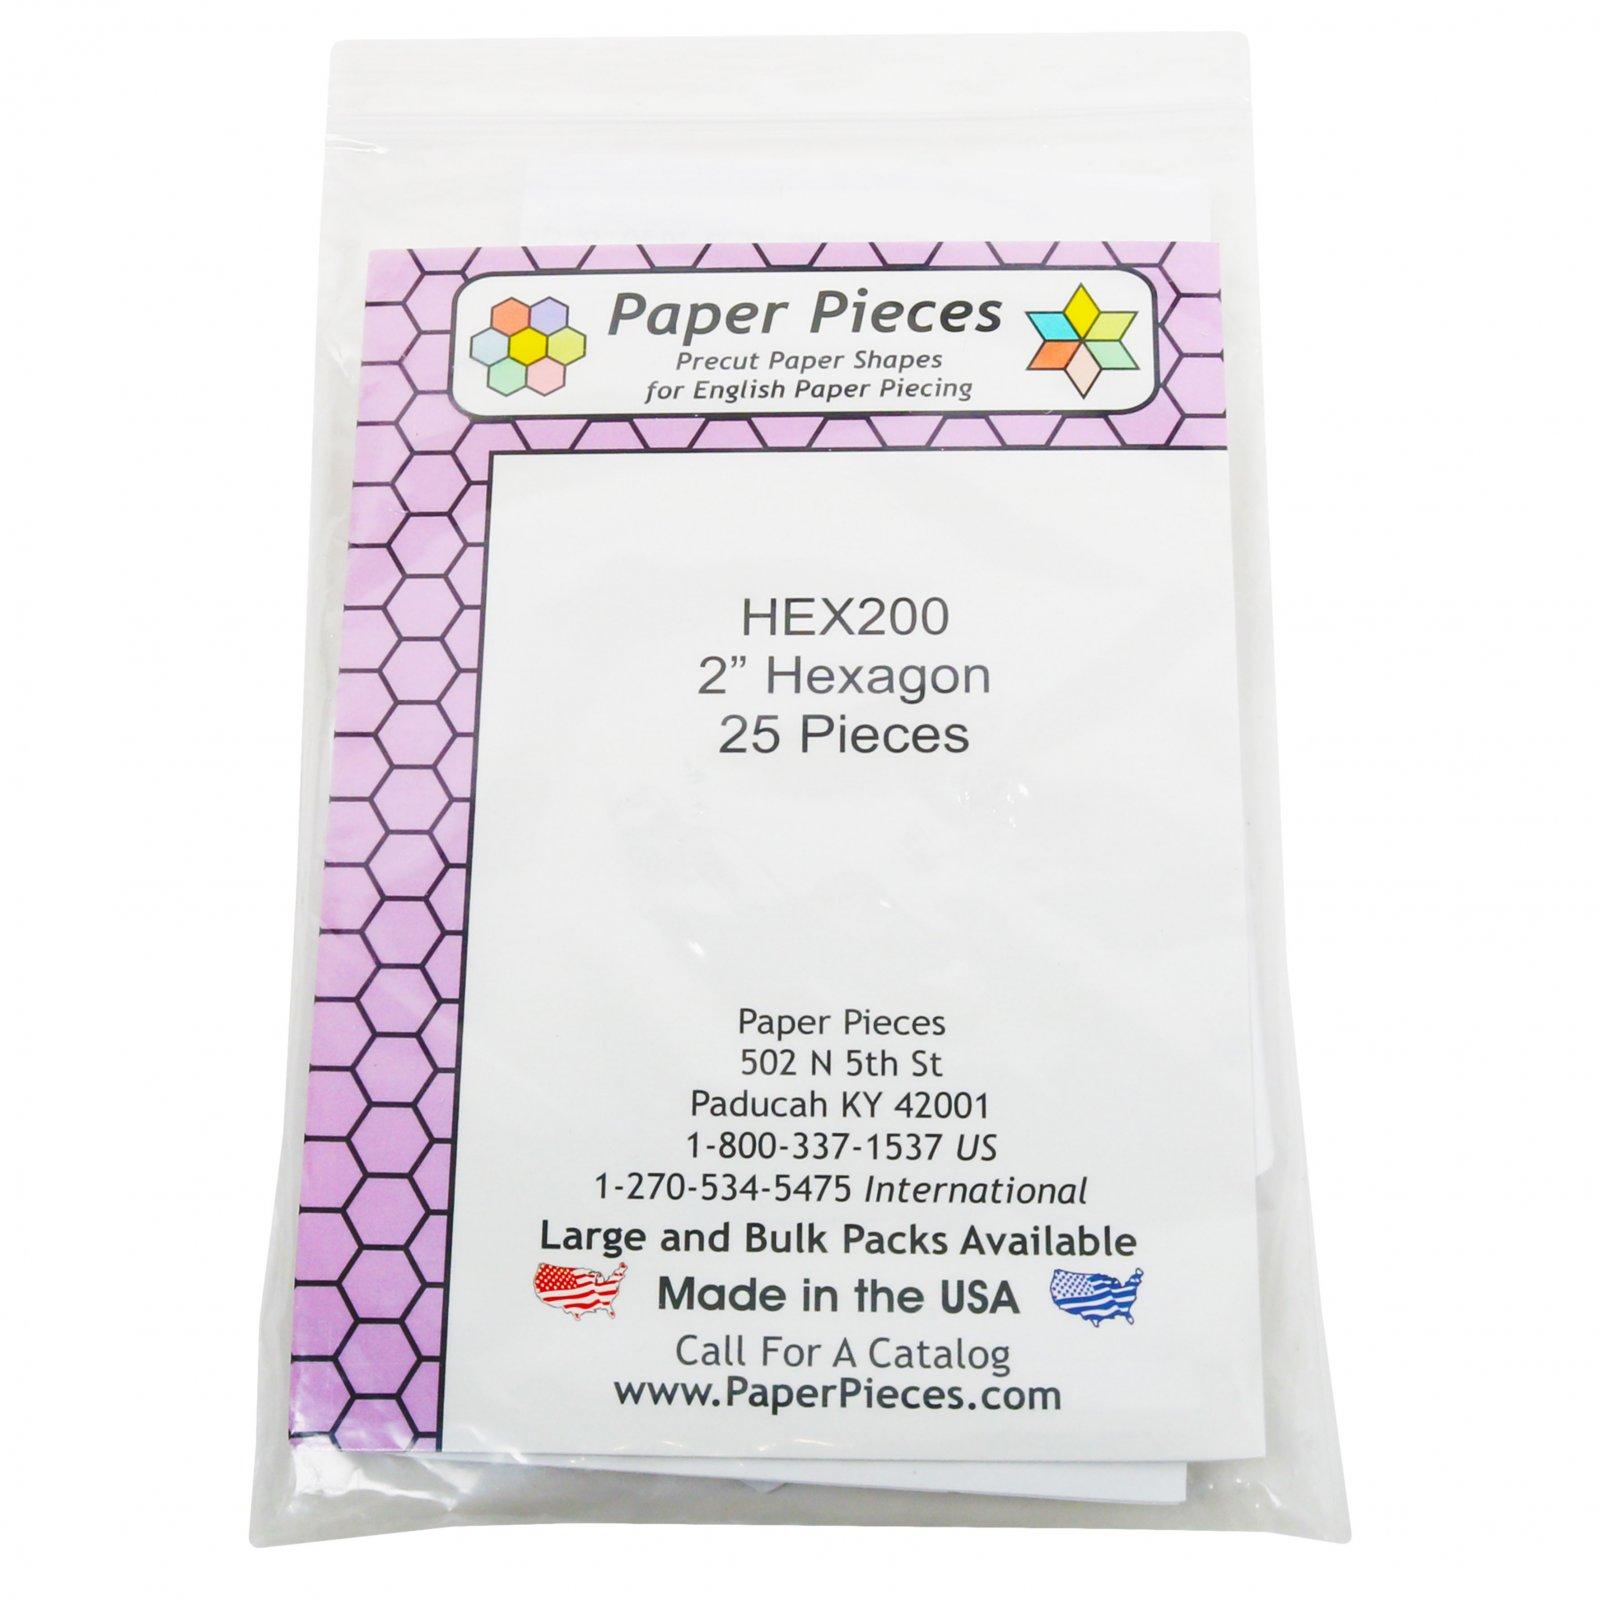 2 Hexagon 25 pieces